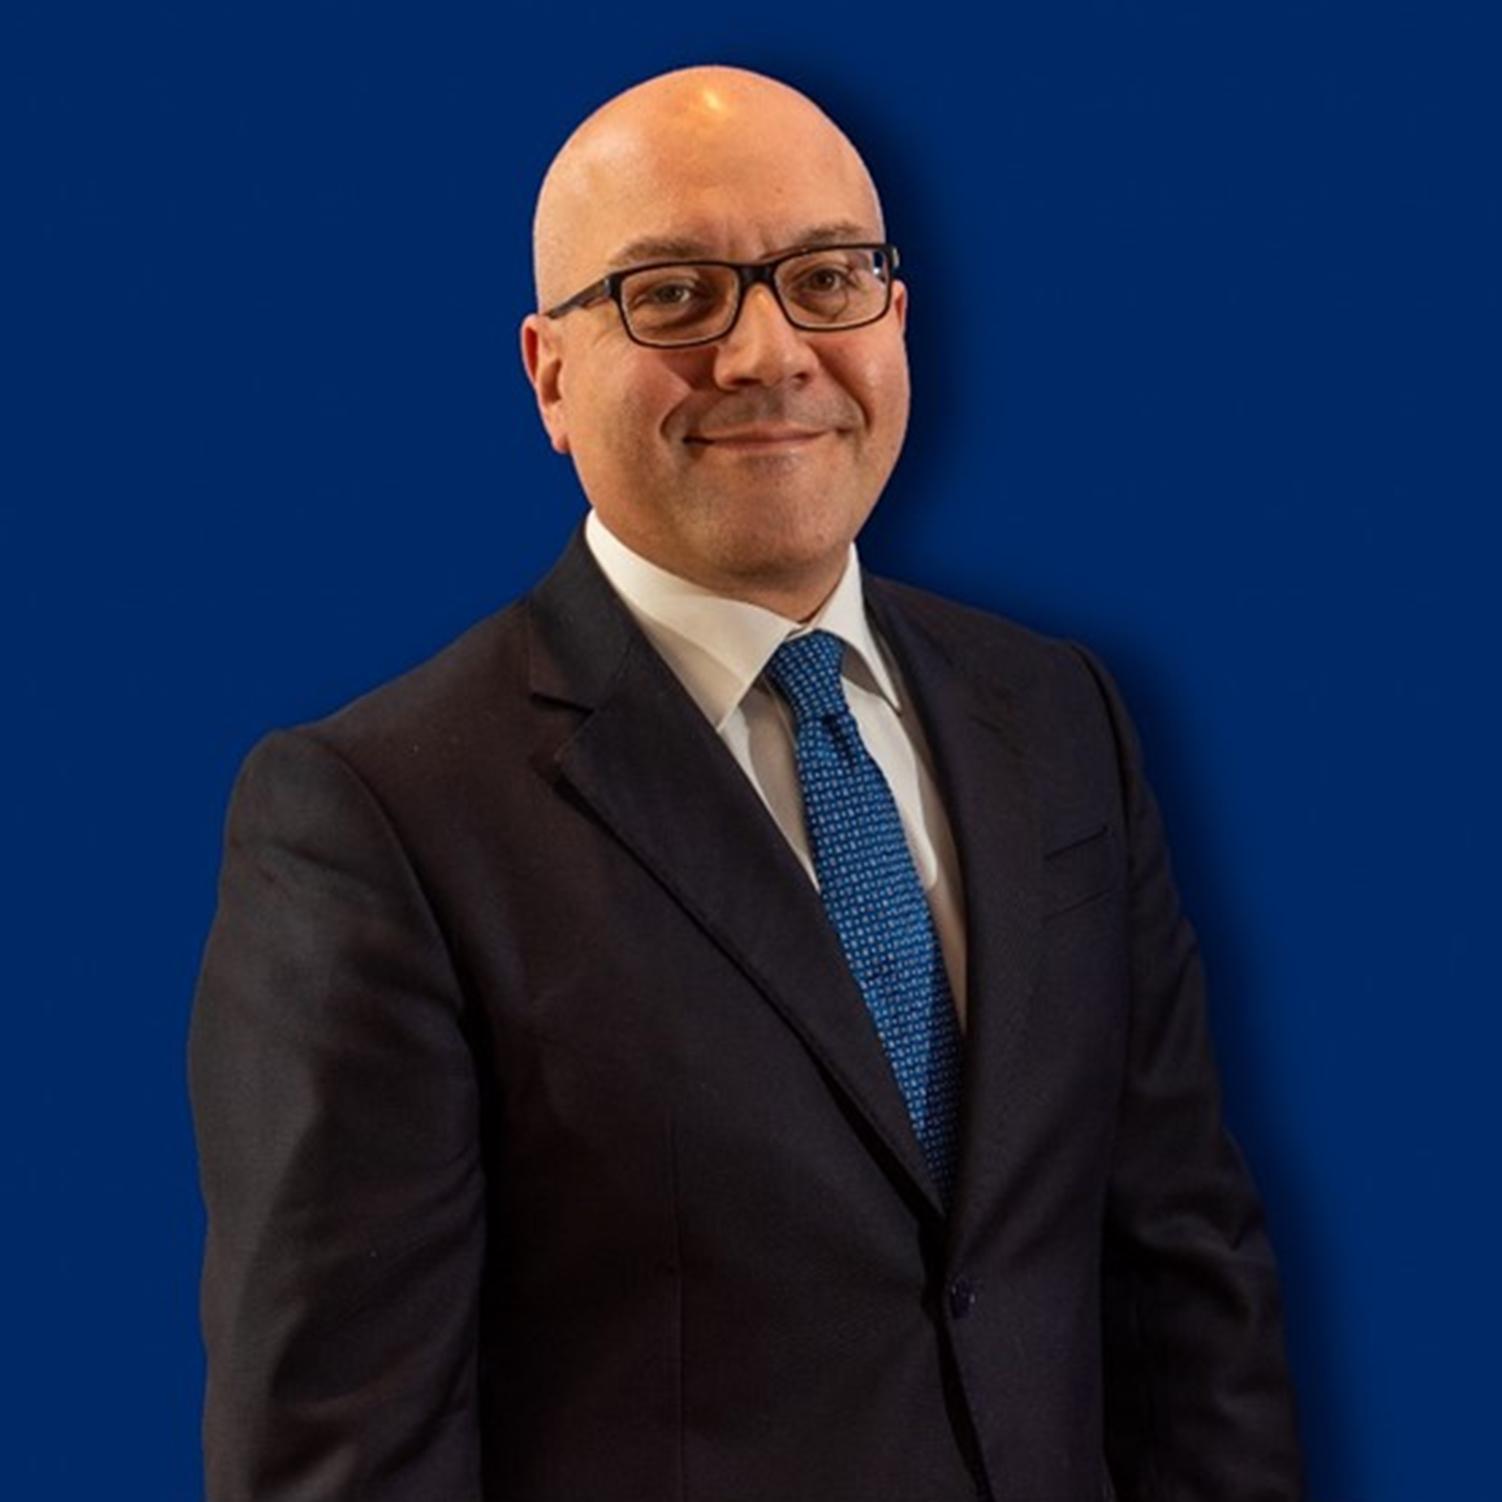 Alberto Panariello